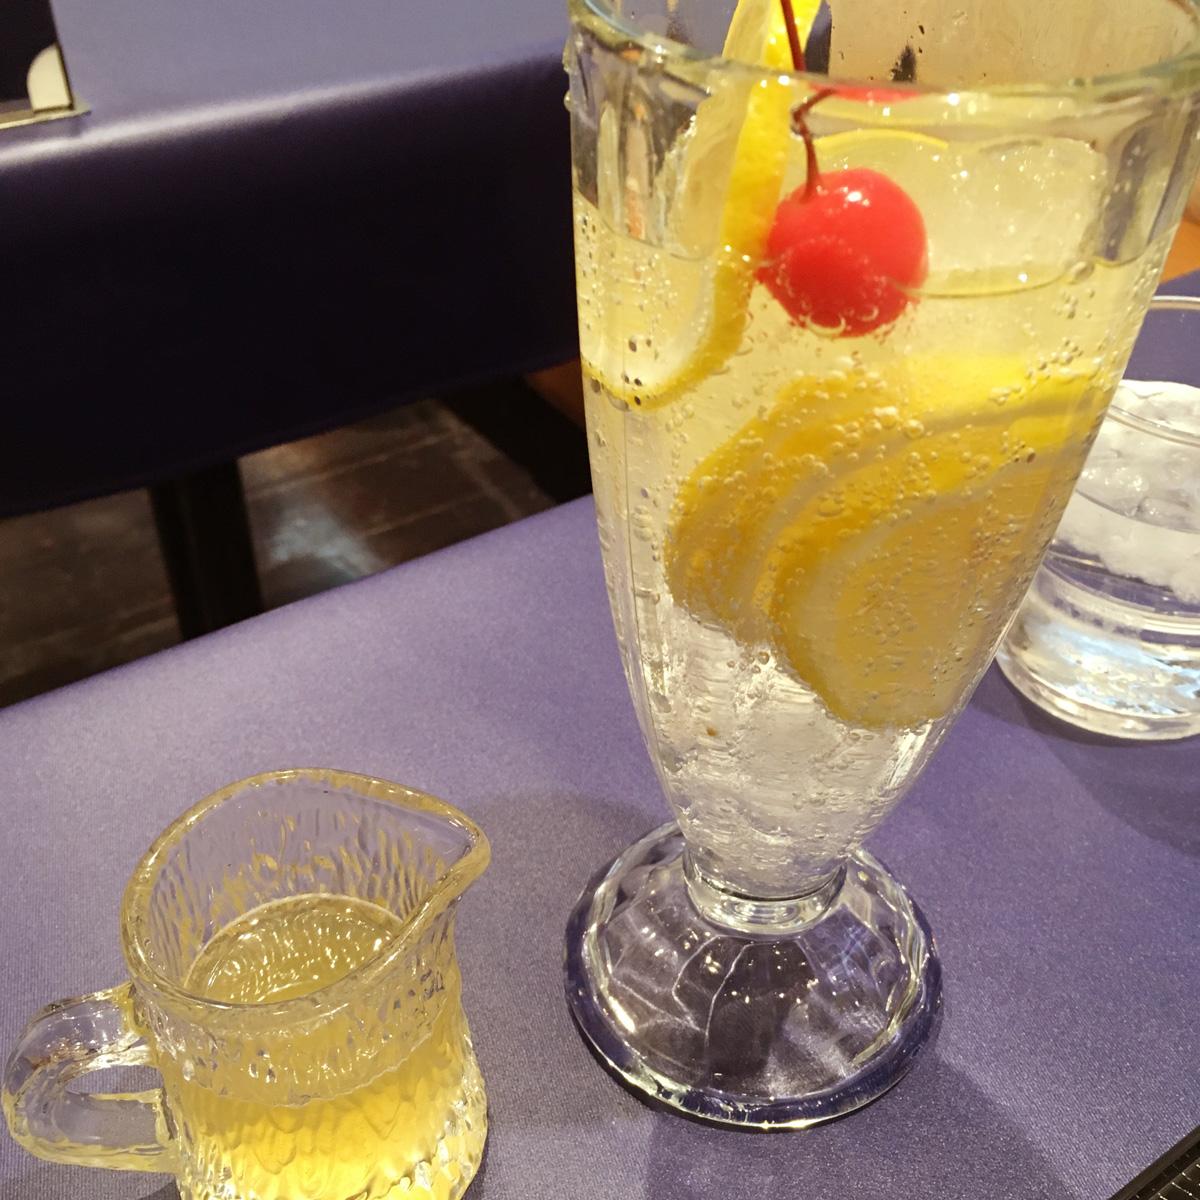 不二家レストランでデザート!レモンの酸味が美味い「はちみつレモンスカッシュ」と蜂蜜で食べる「フルーツソフトクリームあんみつ」